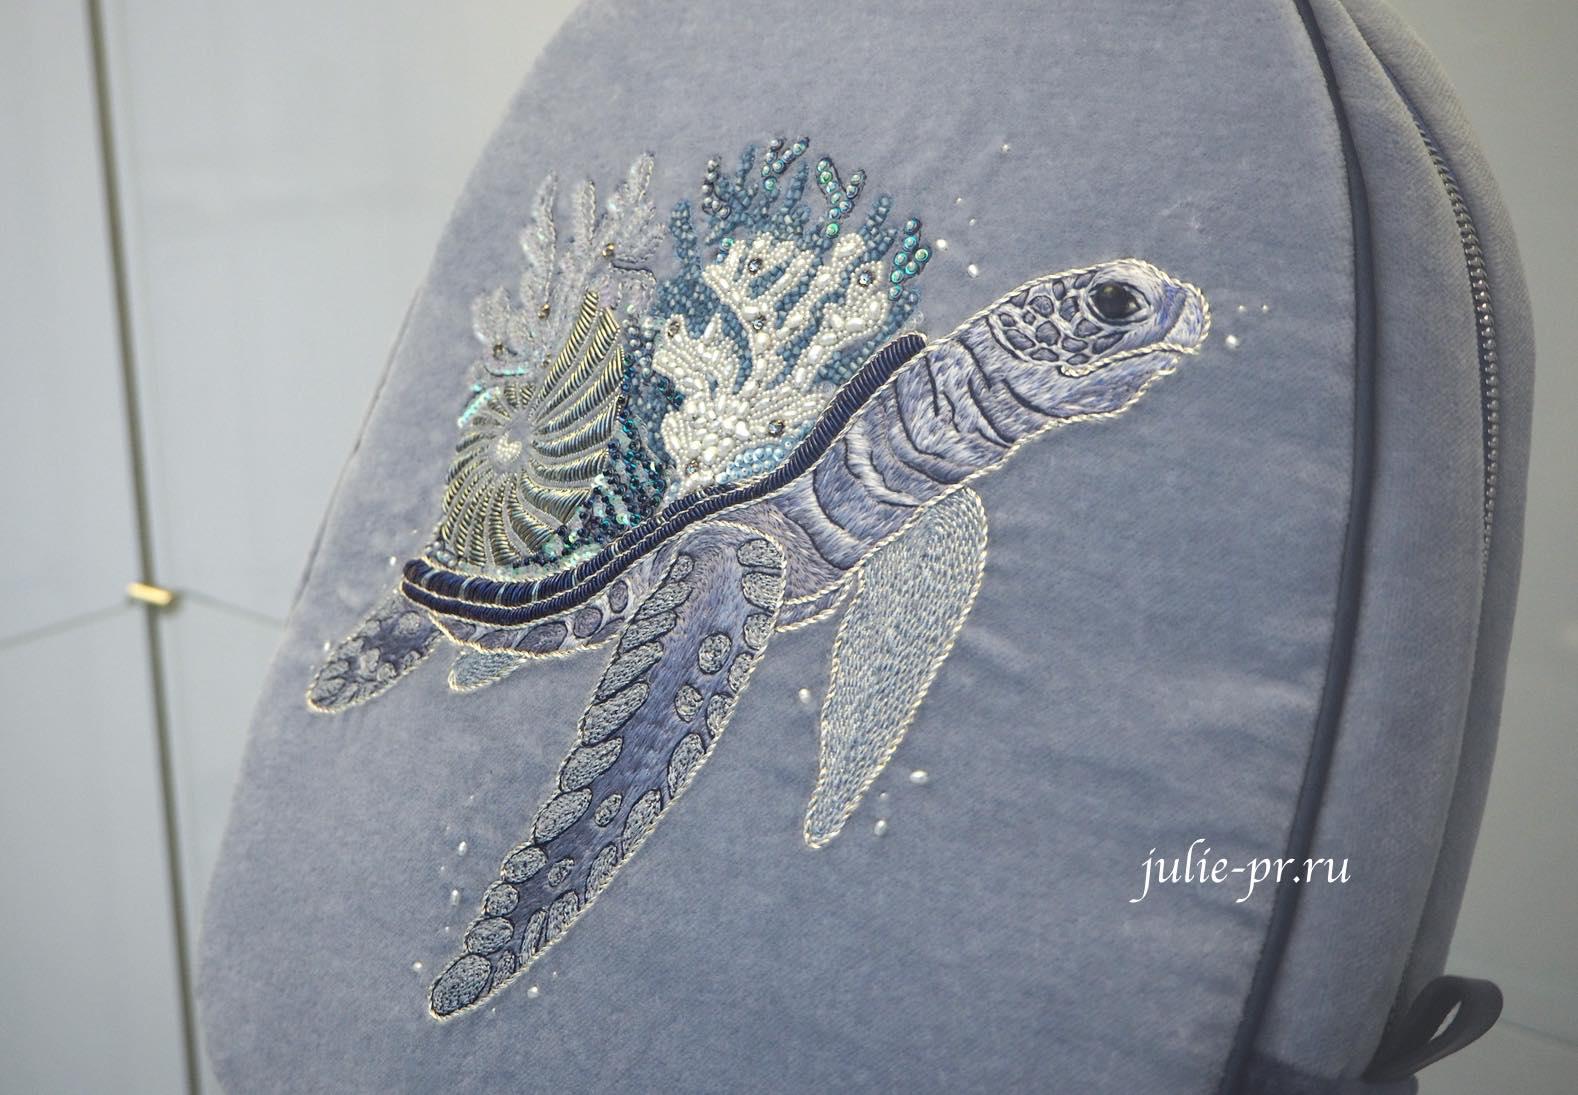 Всероссийская выставка вышивки, вышивка, рюкзак, морская черепаха